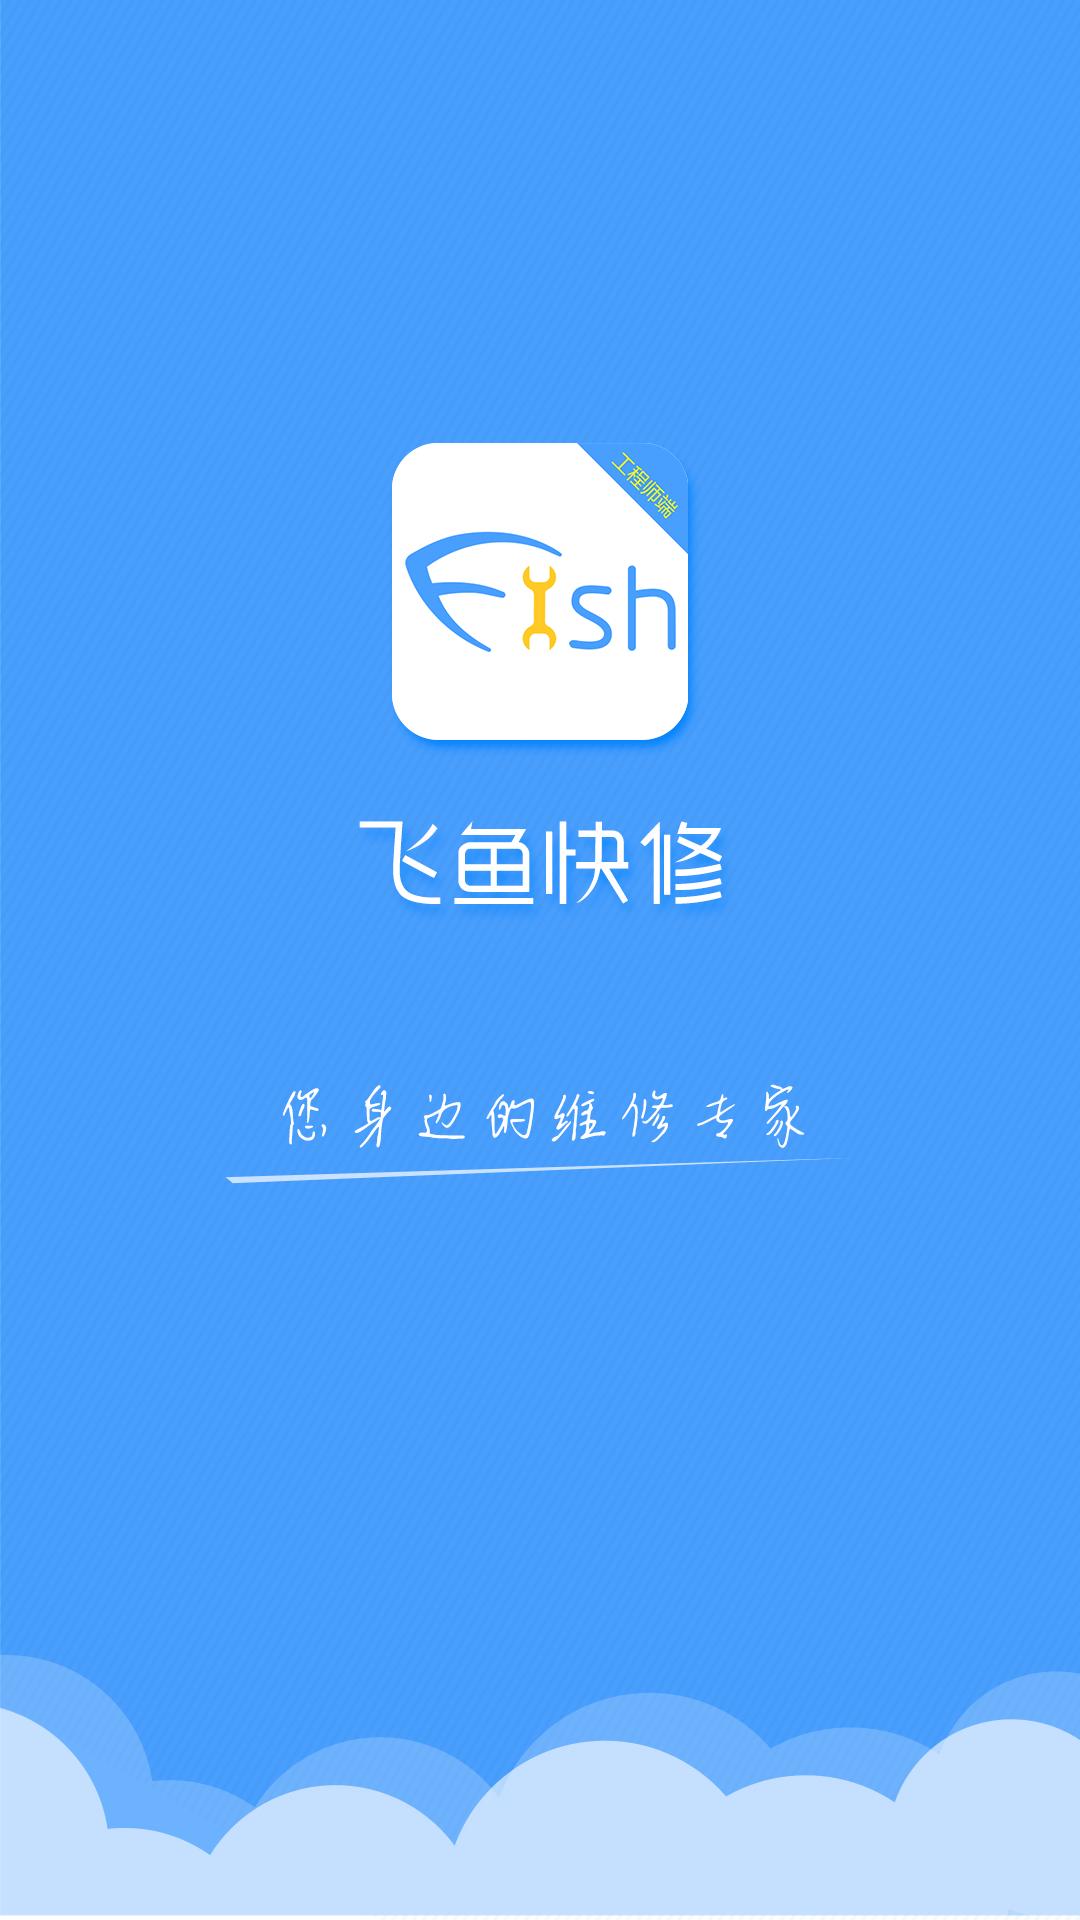 飞鱼工程师端_提供飞鱼工程师端1.1游戏软件下载_91